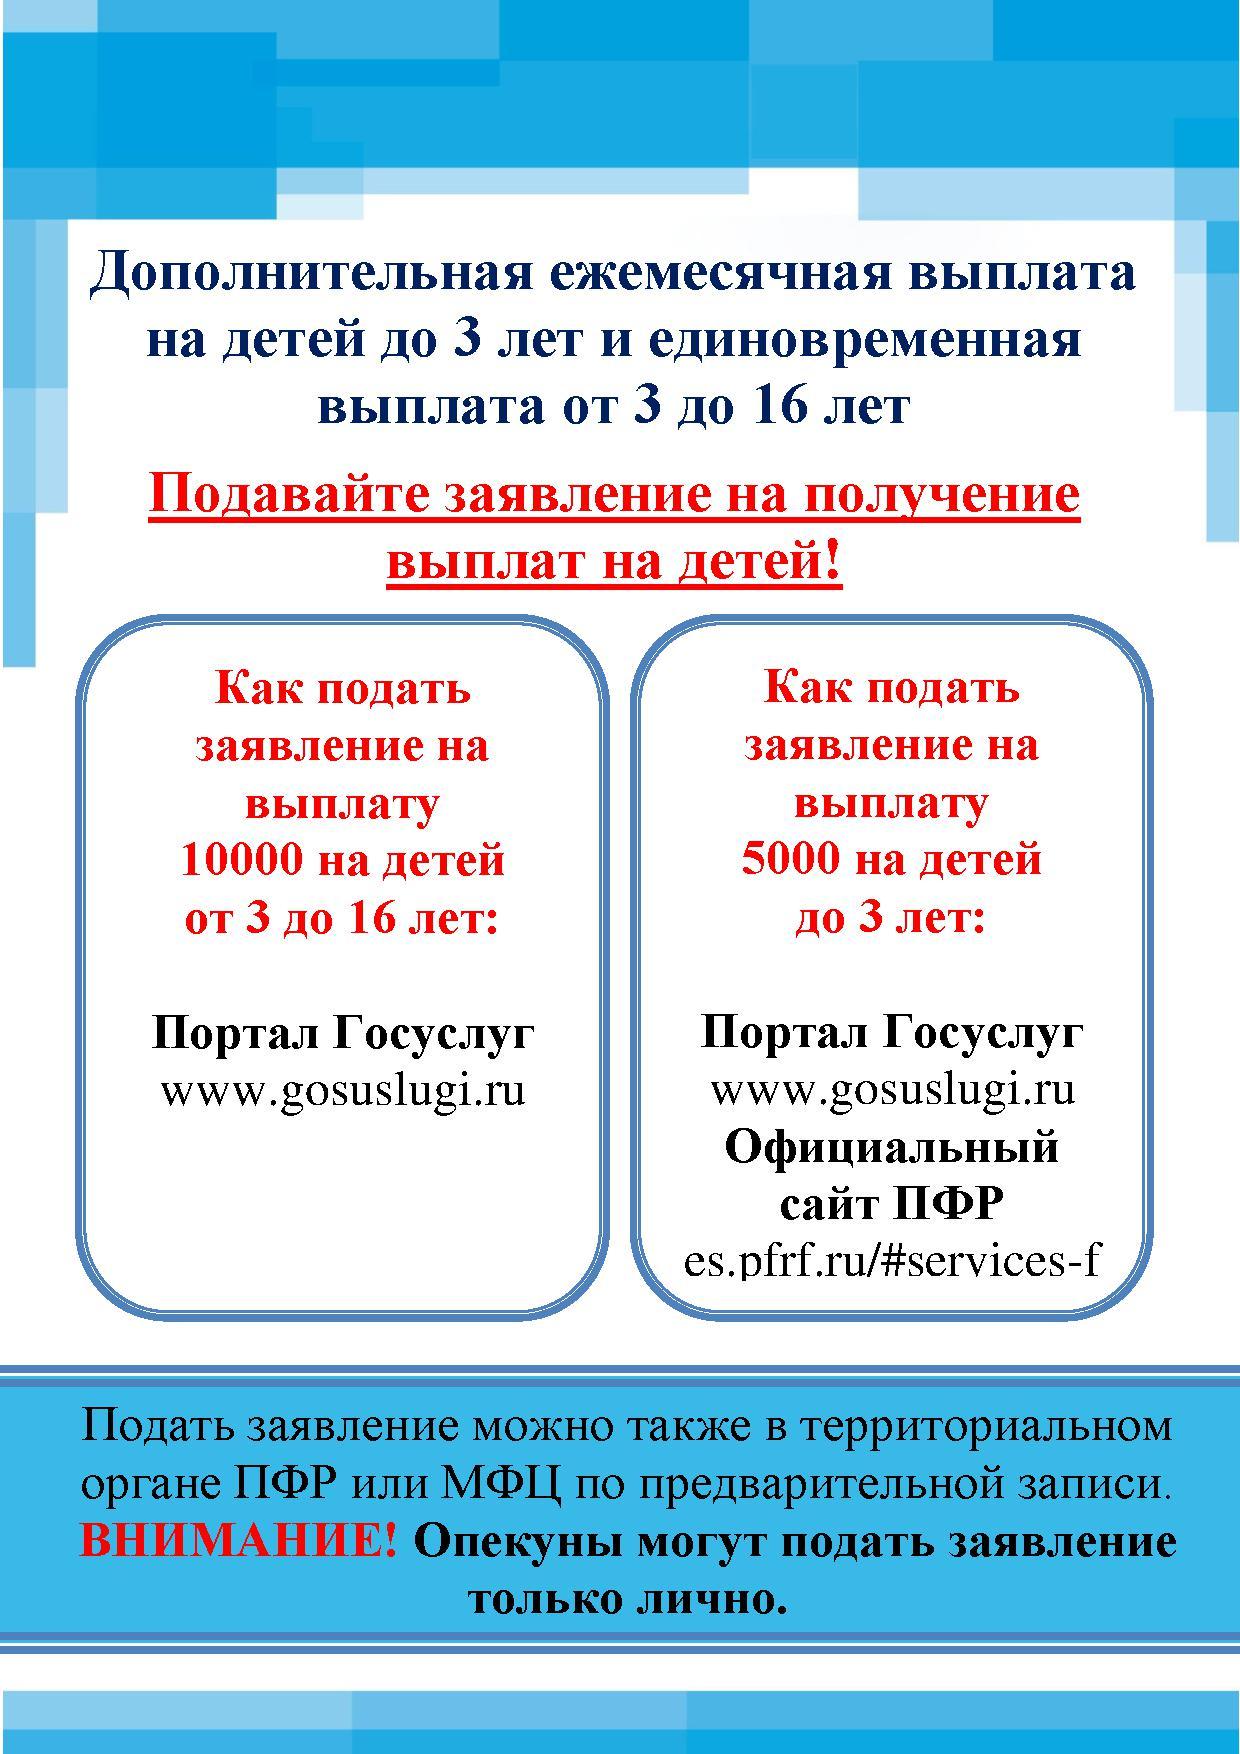 Дополнительная ежемесячная выплата_КЗ